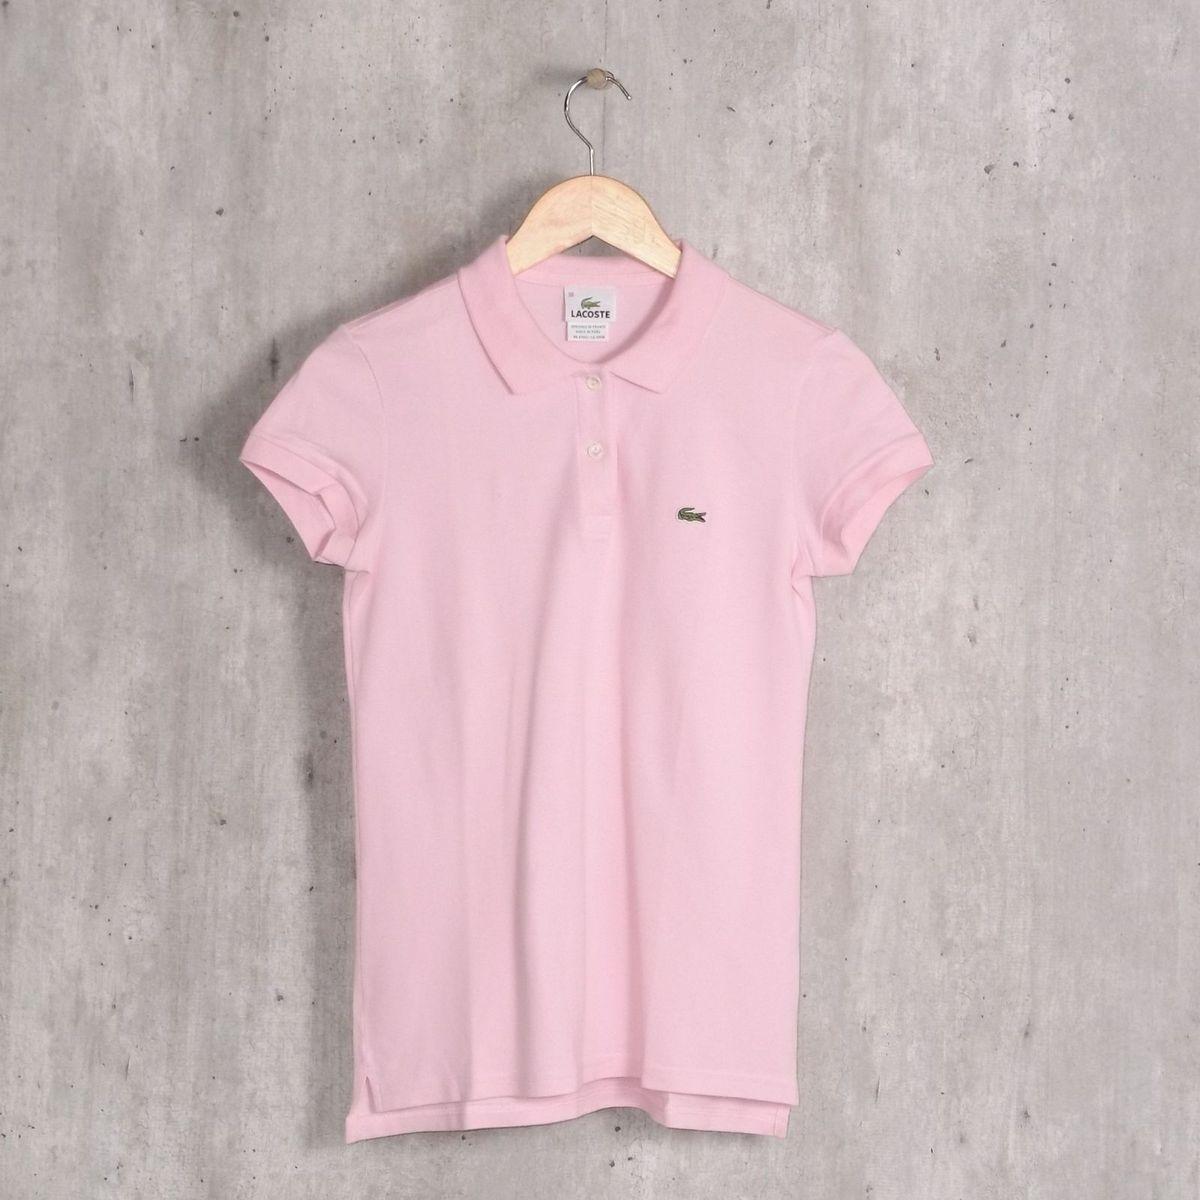 blusa polo rosa - blusas lacoste.  Czm6ly9wag90b3muzw5qb2vplmnvbs5ici9wcm9kdwn0cy83mzk0mtqxl2fmywe4odczowjlntmzytg2ntuwzdu0zwjkzdk2zjaylmpwzw  ... 3b75a359e7